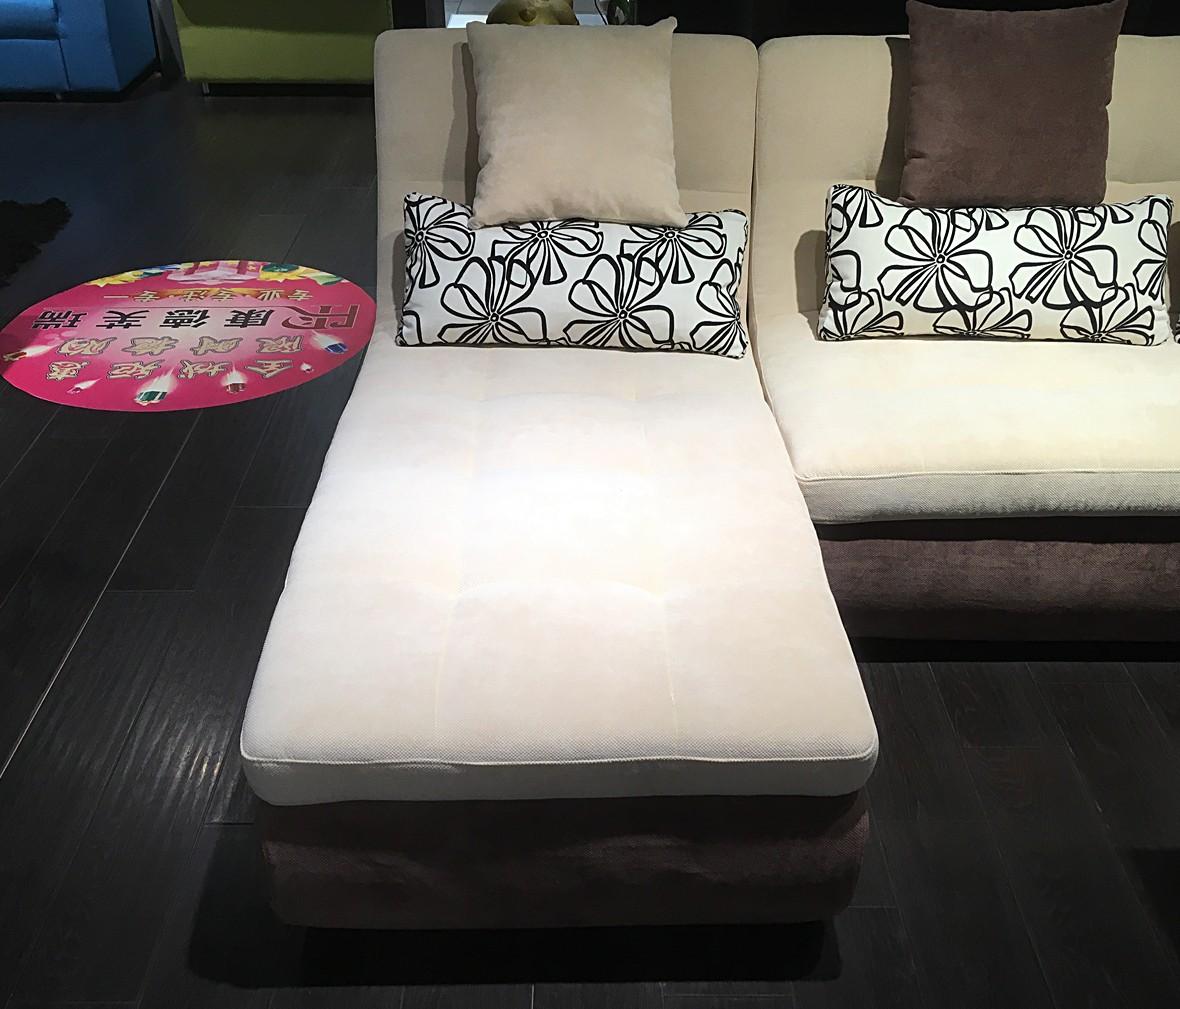 康德芙瑞 特价夏日奶茶型号沙发 现代简约布艺沙发